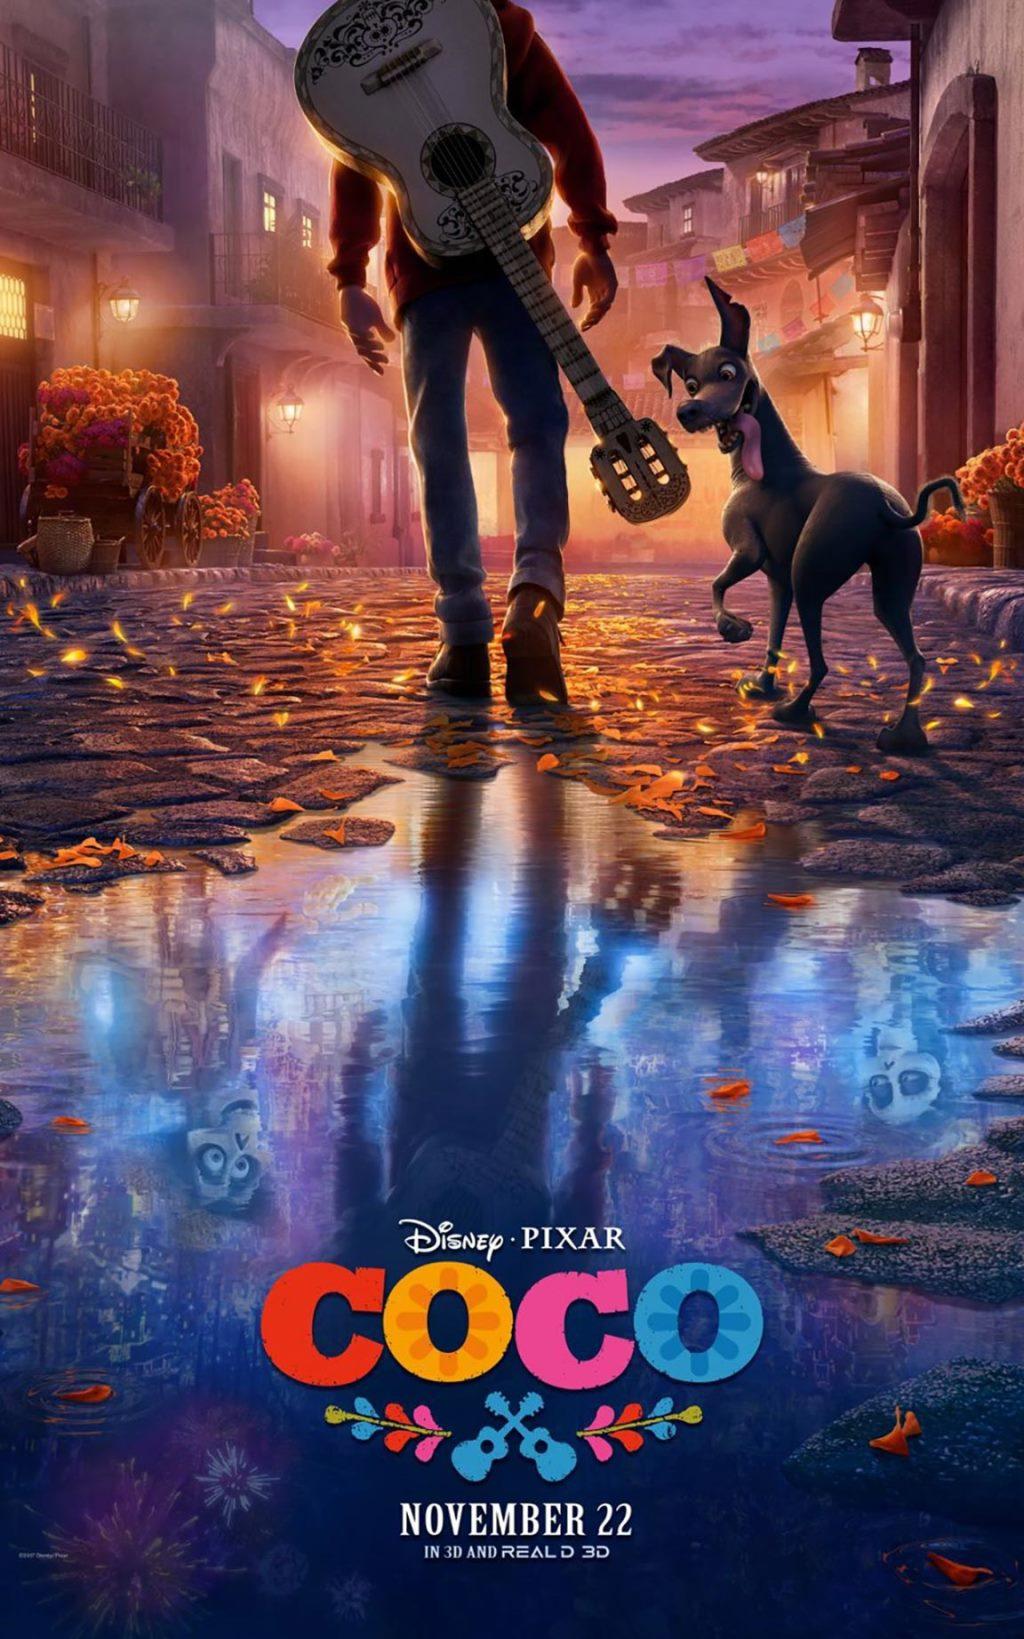 KOKO (COCO)